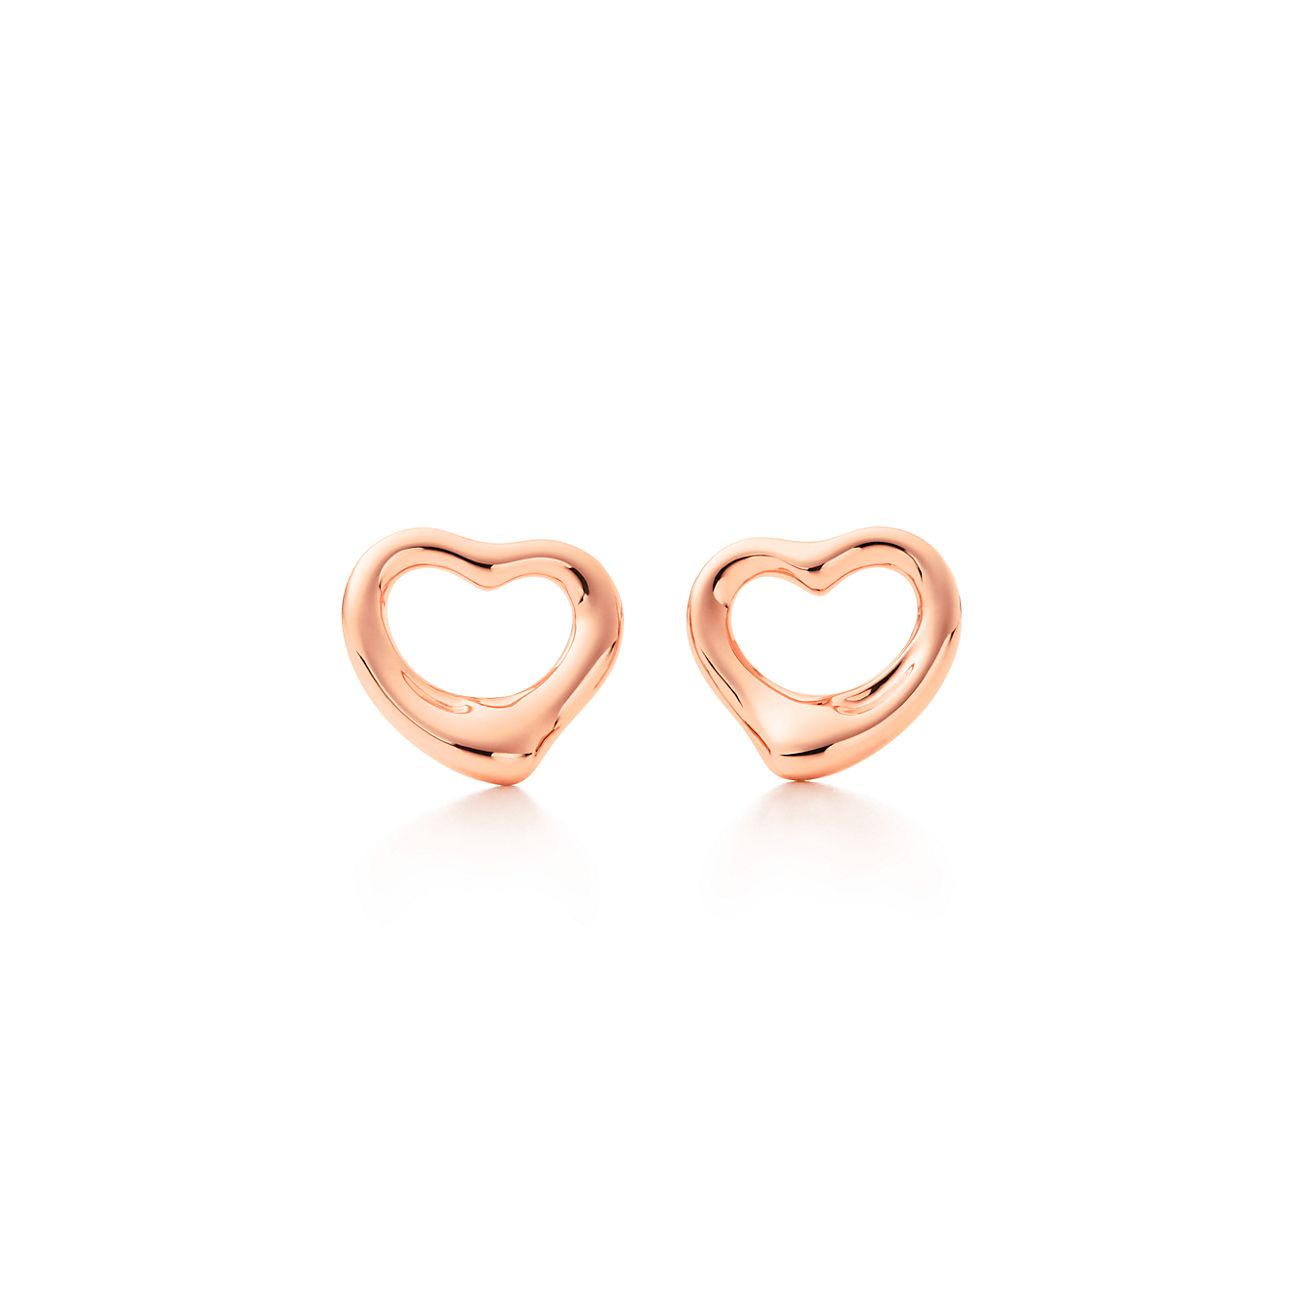 Heart earrings gold